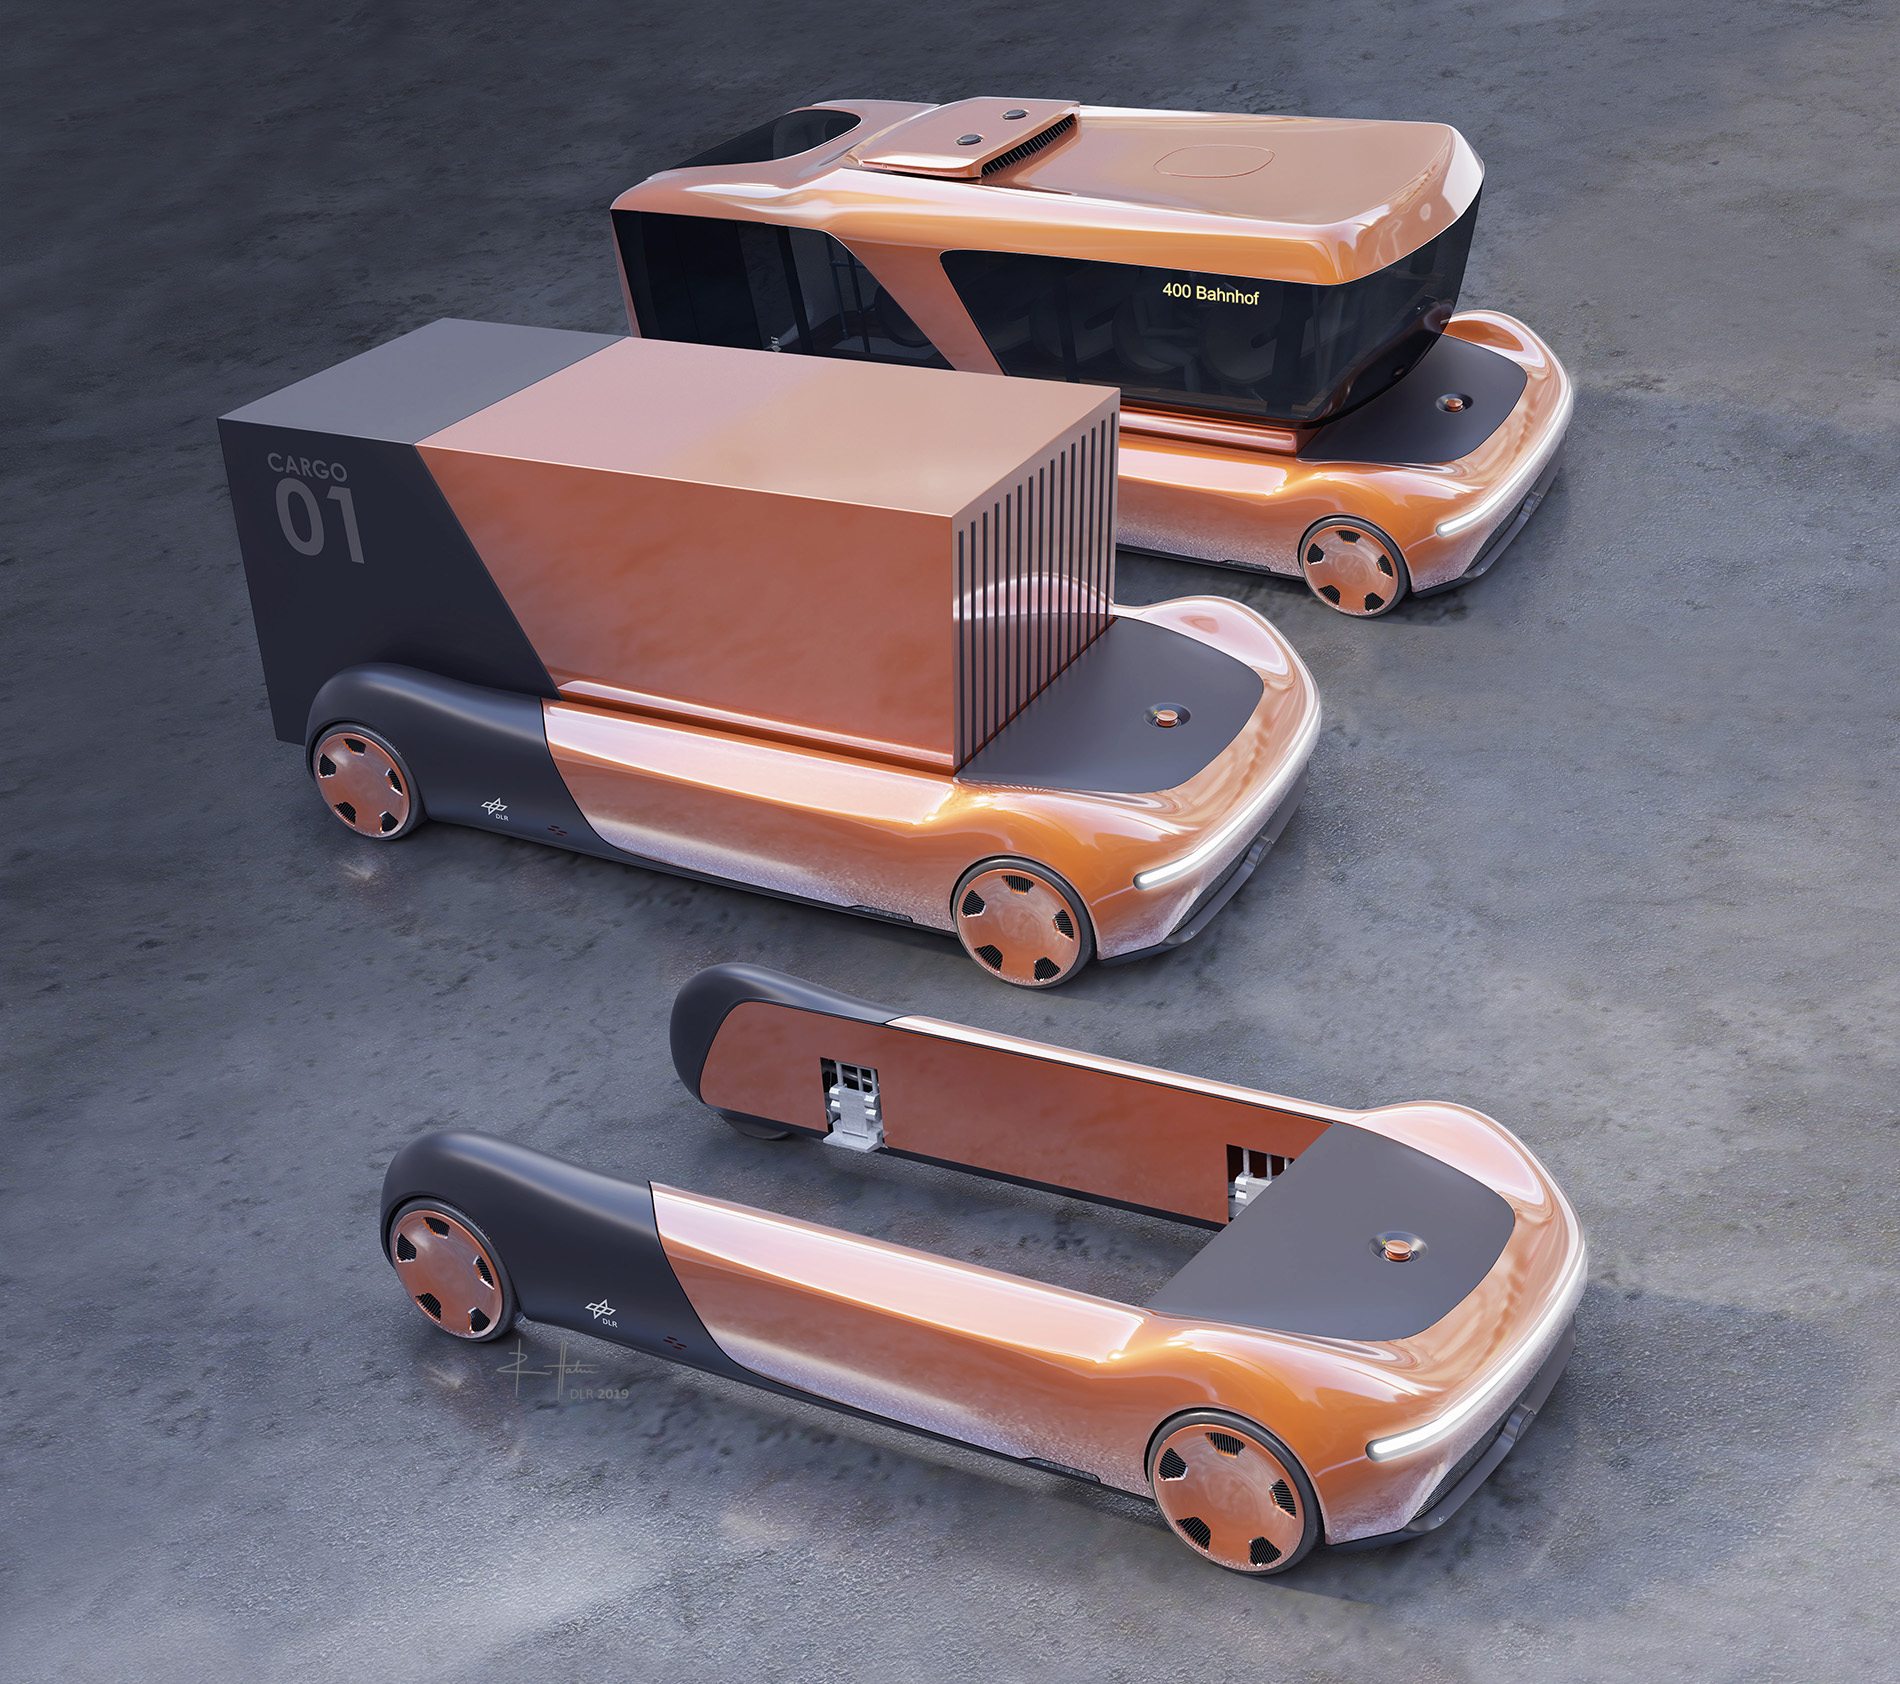 В Германии показали революционный тип автомобиля: беспилотник-трансформер